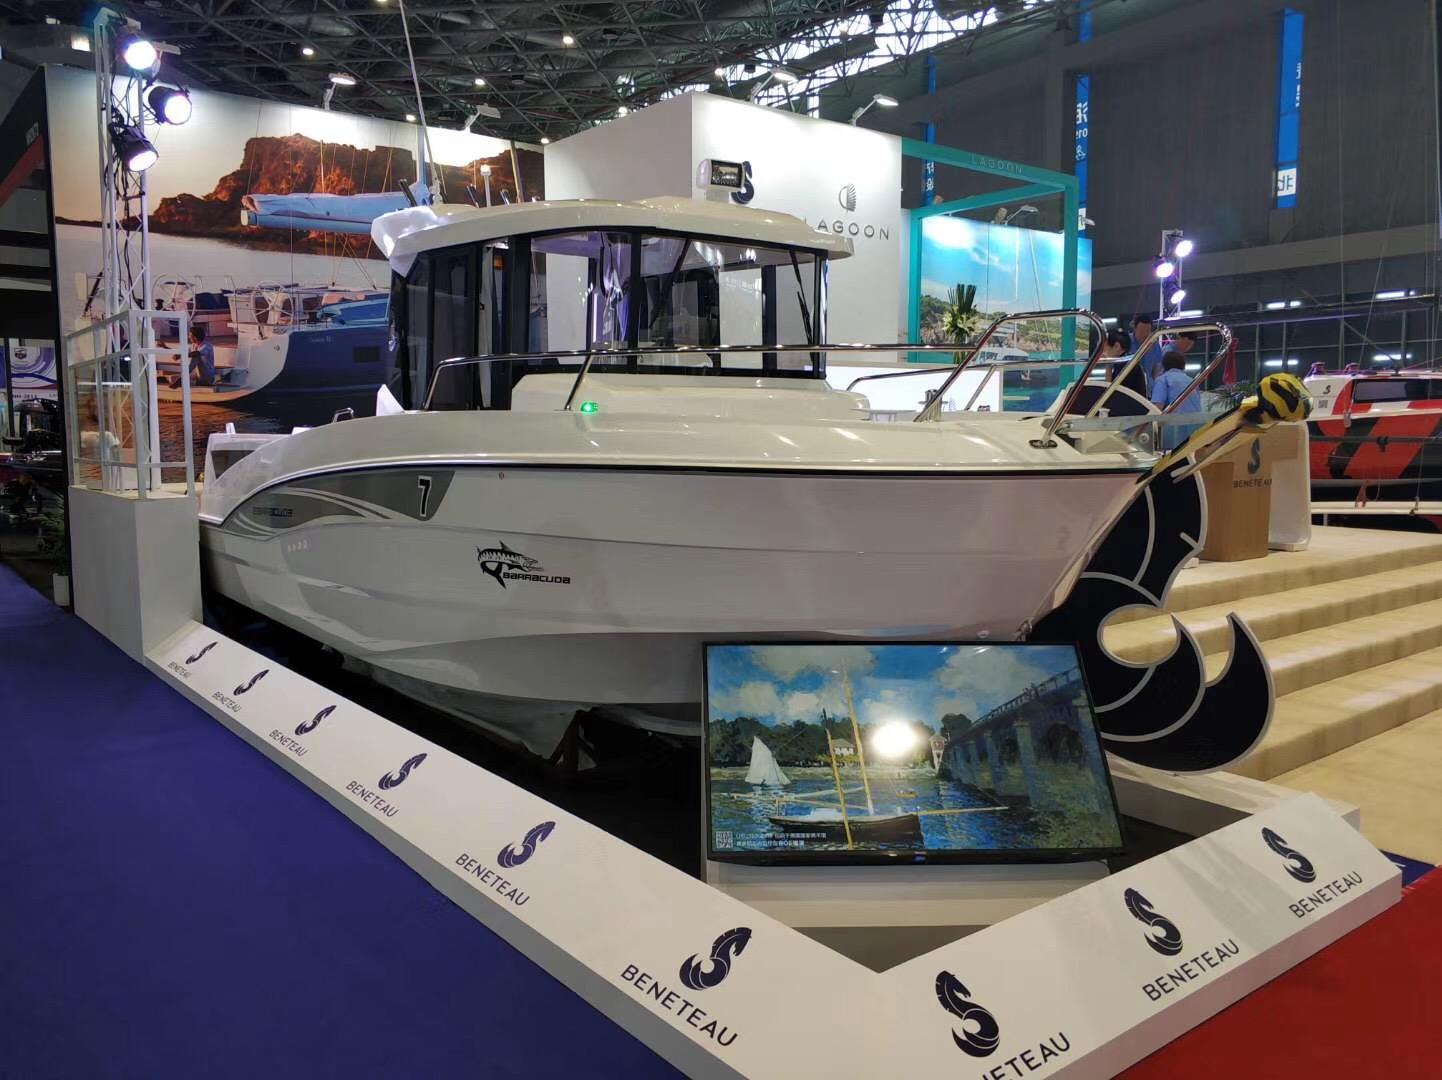 游艇,国际,上海,2019,中国 2019第二十四届上海船展开幕 博纳多携多艘全新船型亮相  184957lgk3o28d